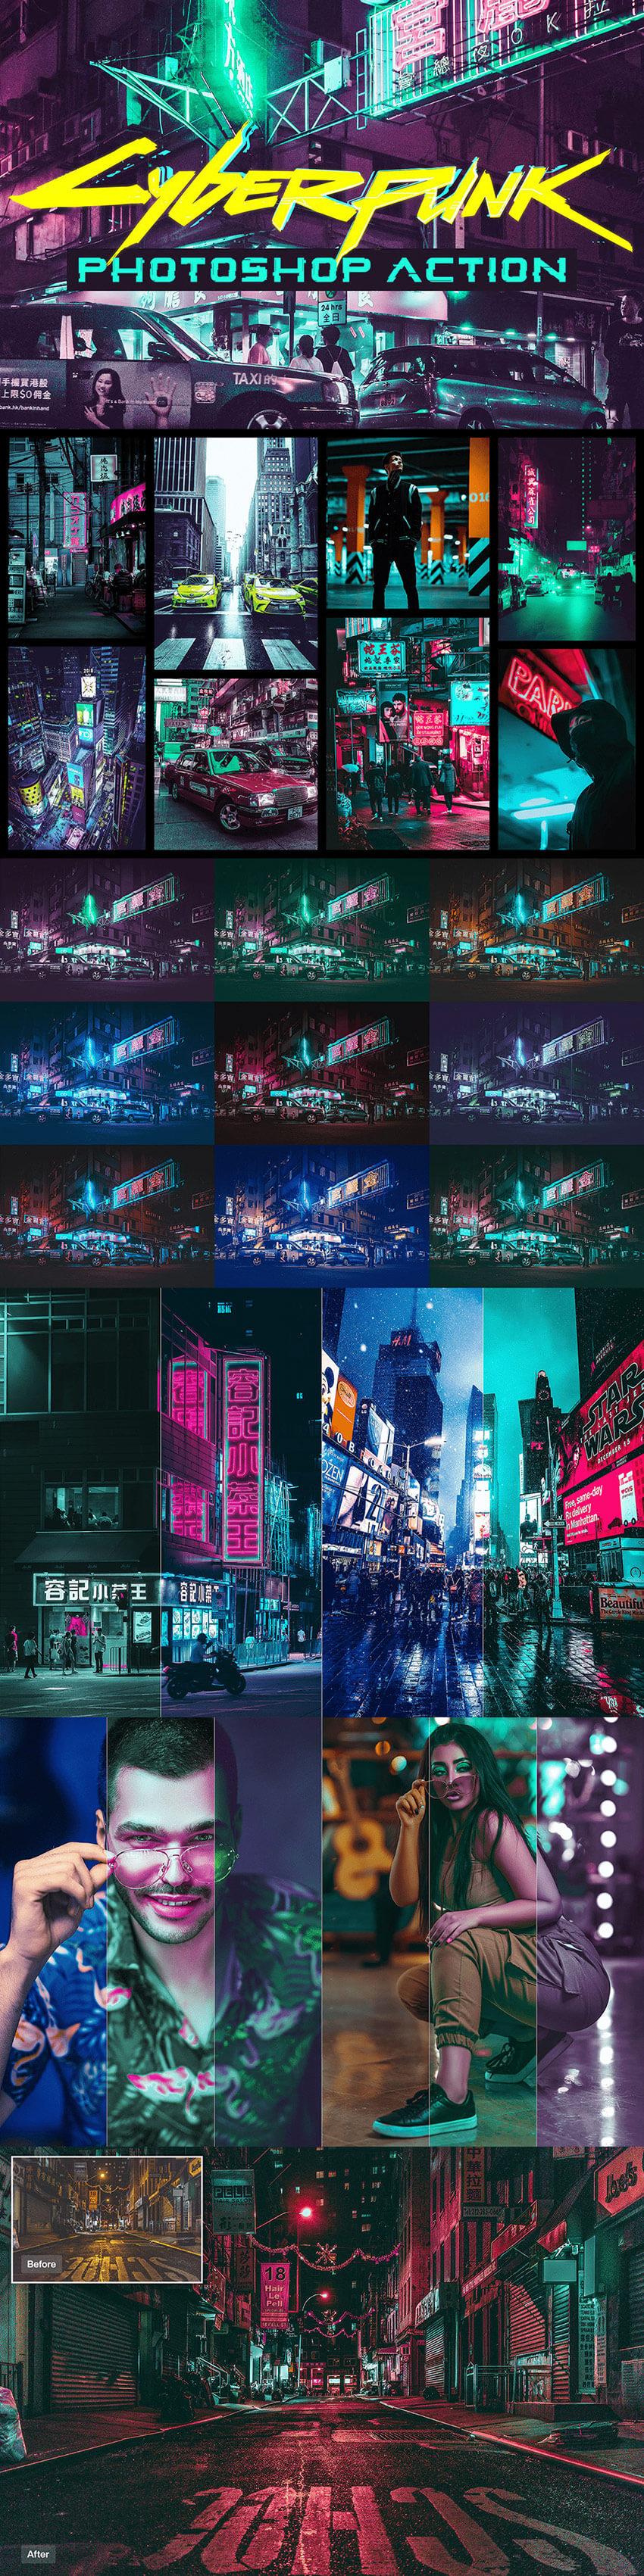 Cyberpunk Photoshop Action (.Atn) скачать бесплатно